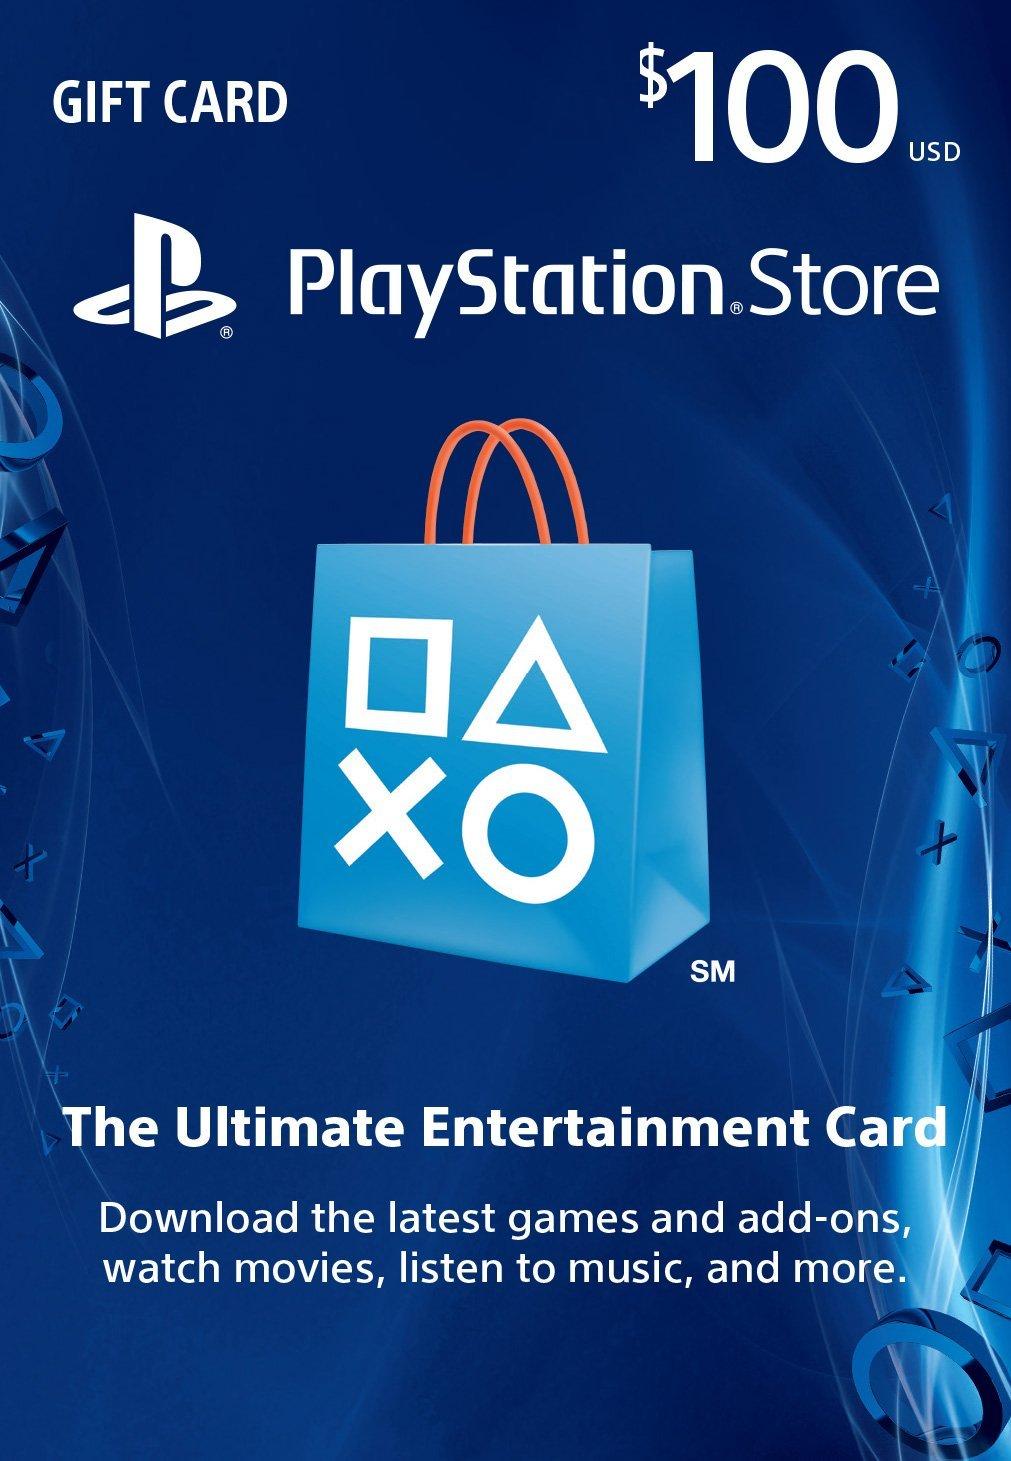 PSN Gift Card Code USA $ 100 for PS4, PS3, PS Vita